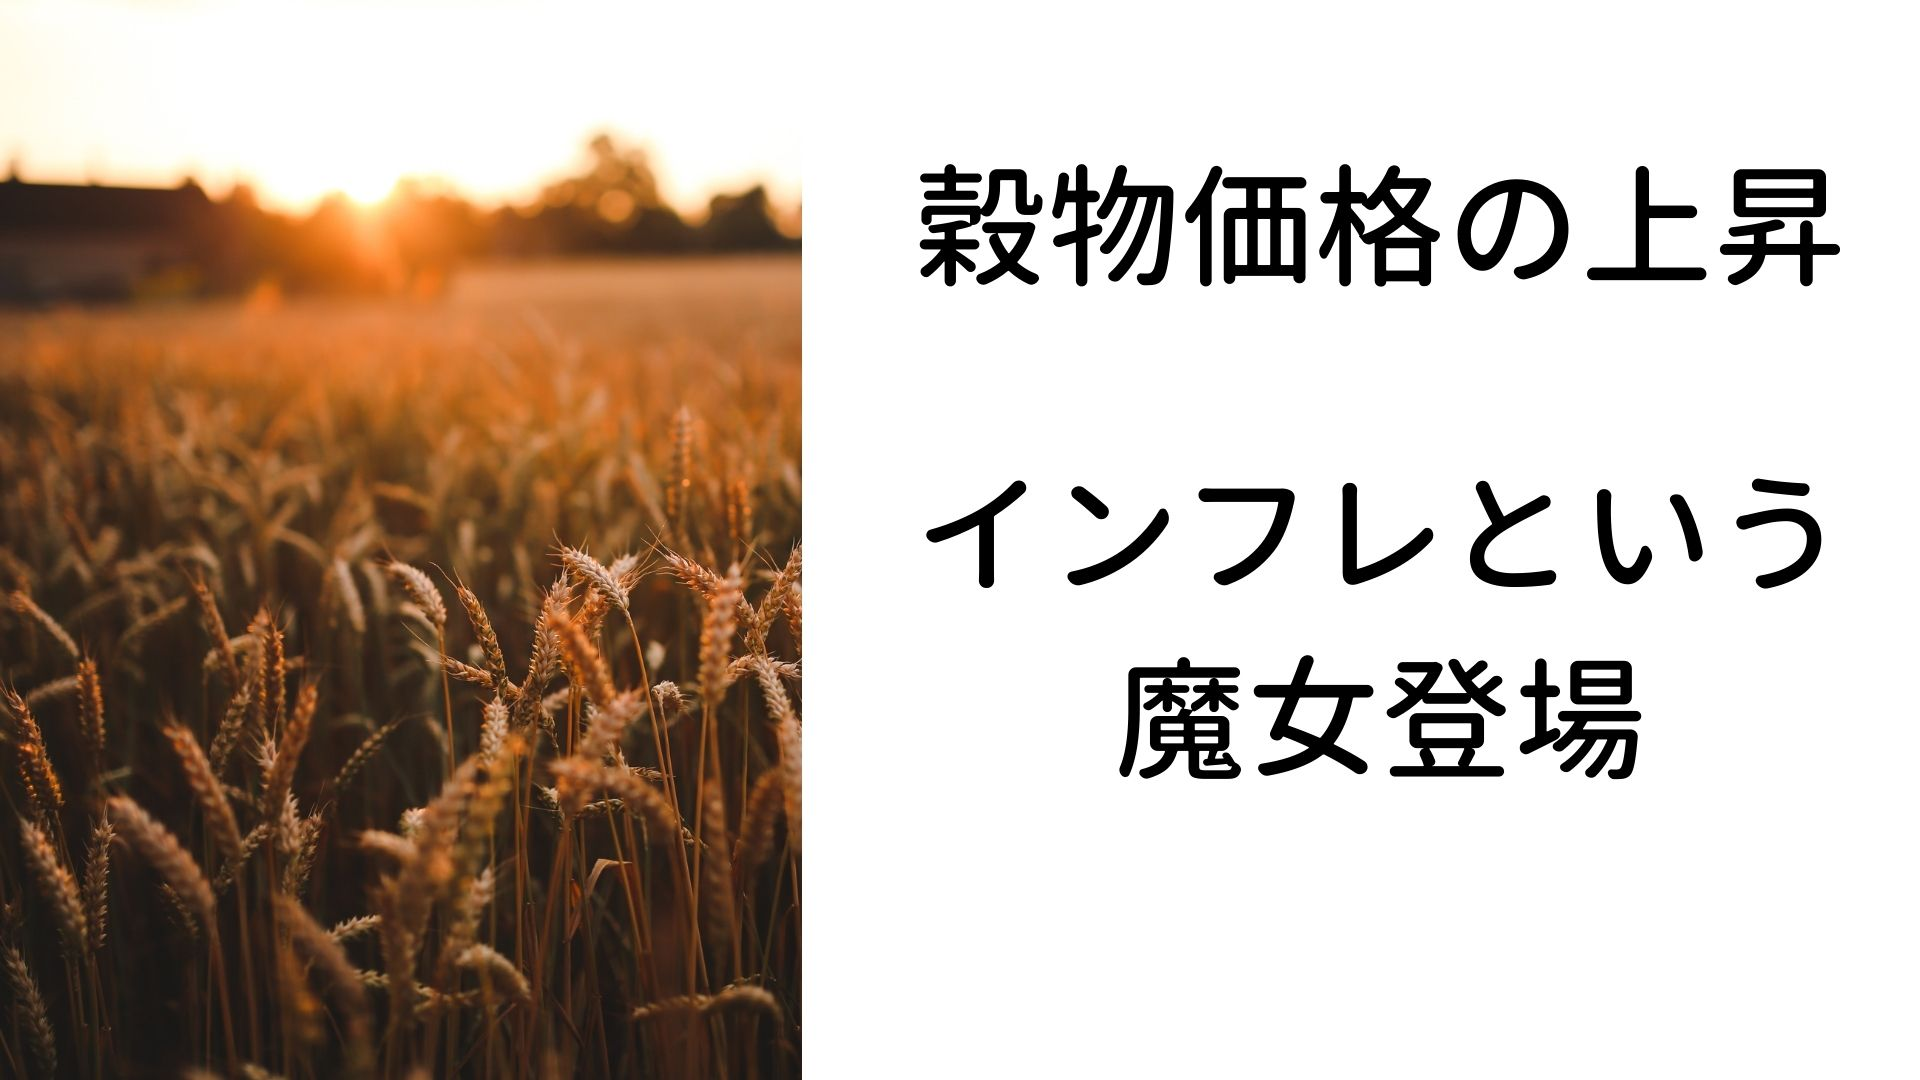 穀物価格の上昇